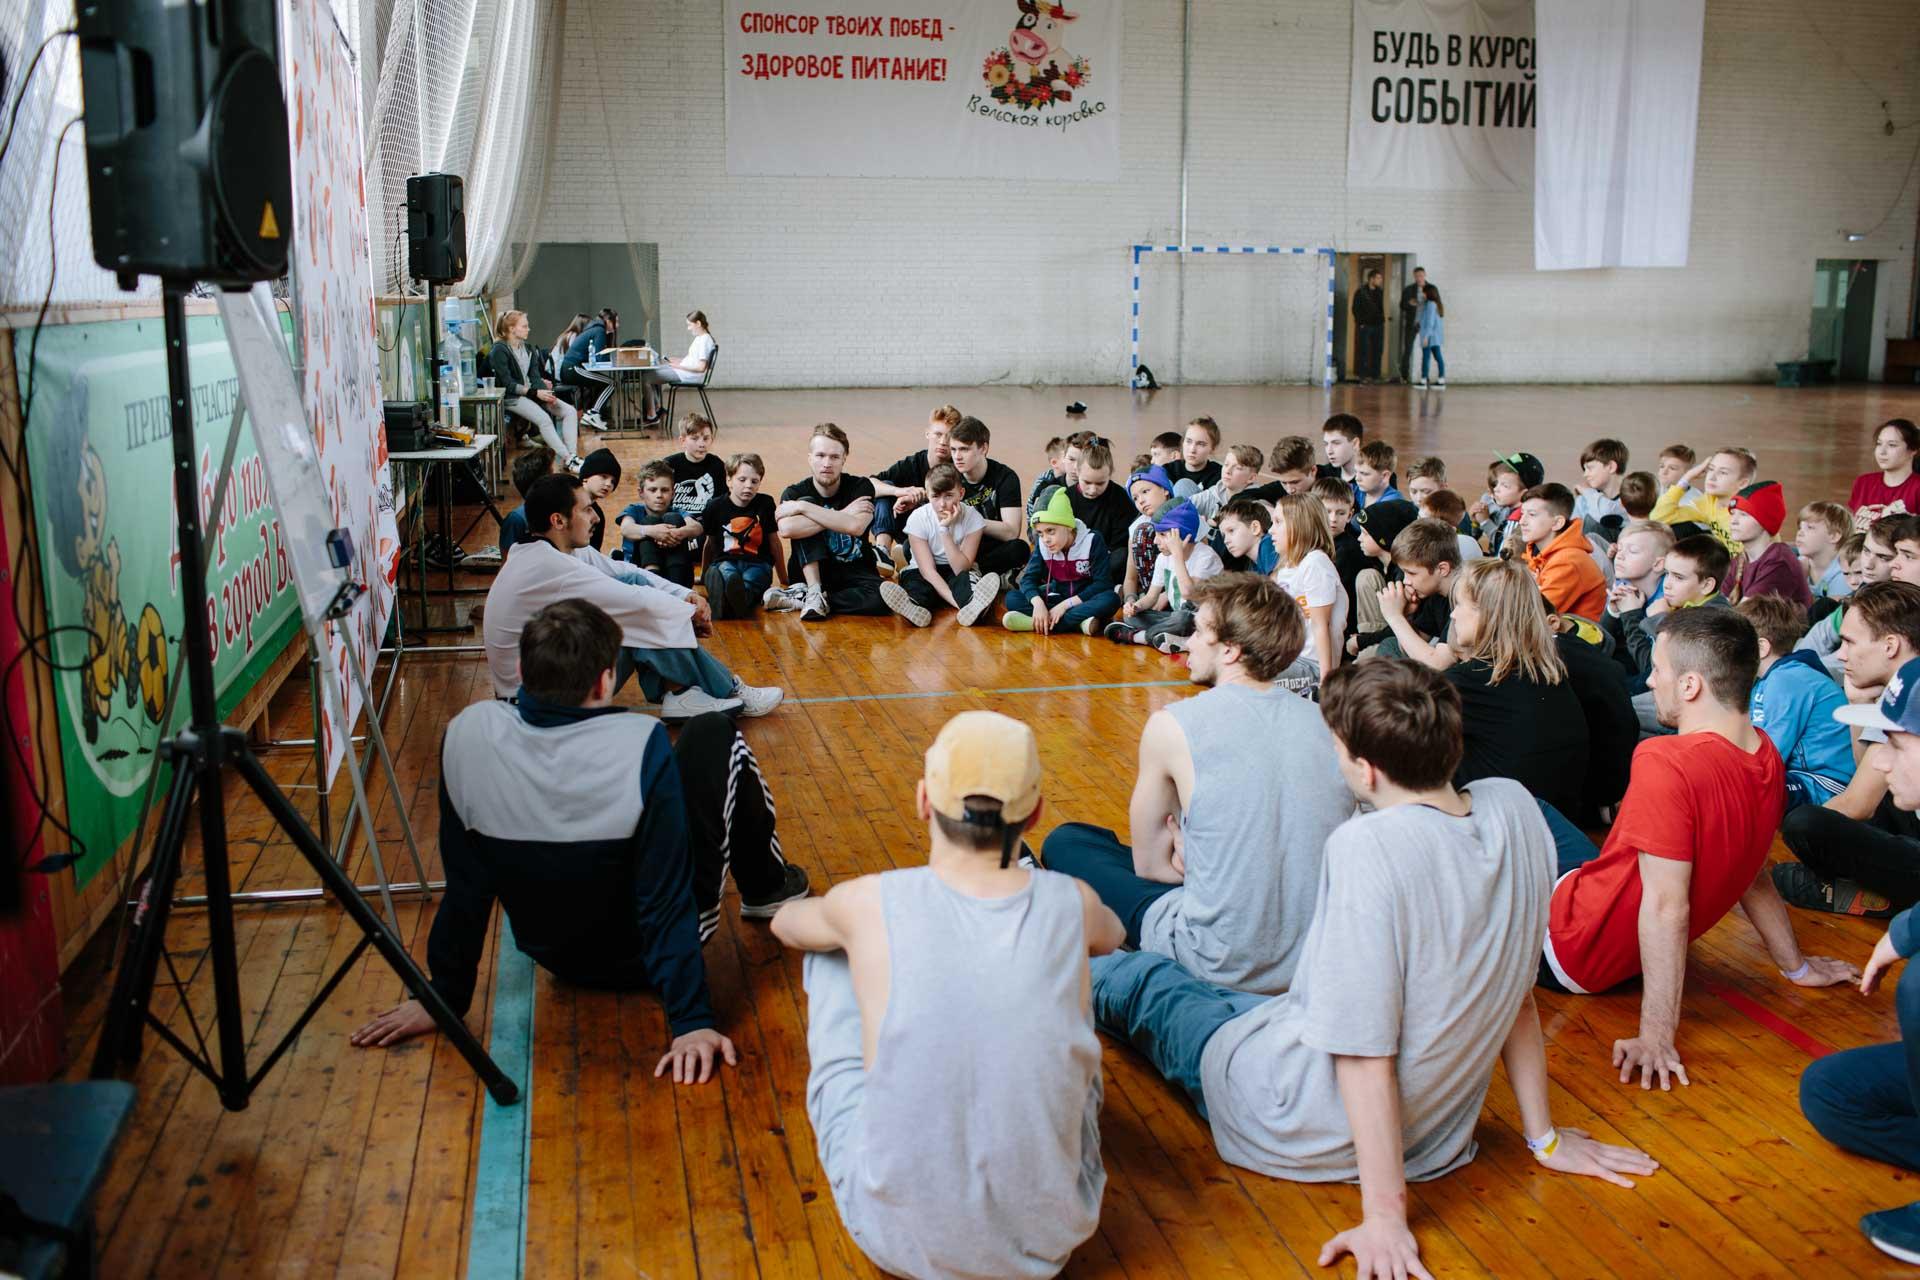 Альбом 16. День мастер классов на фестивале New Way 2017